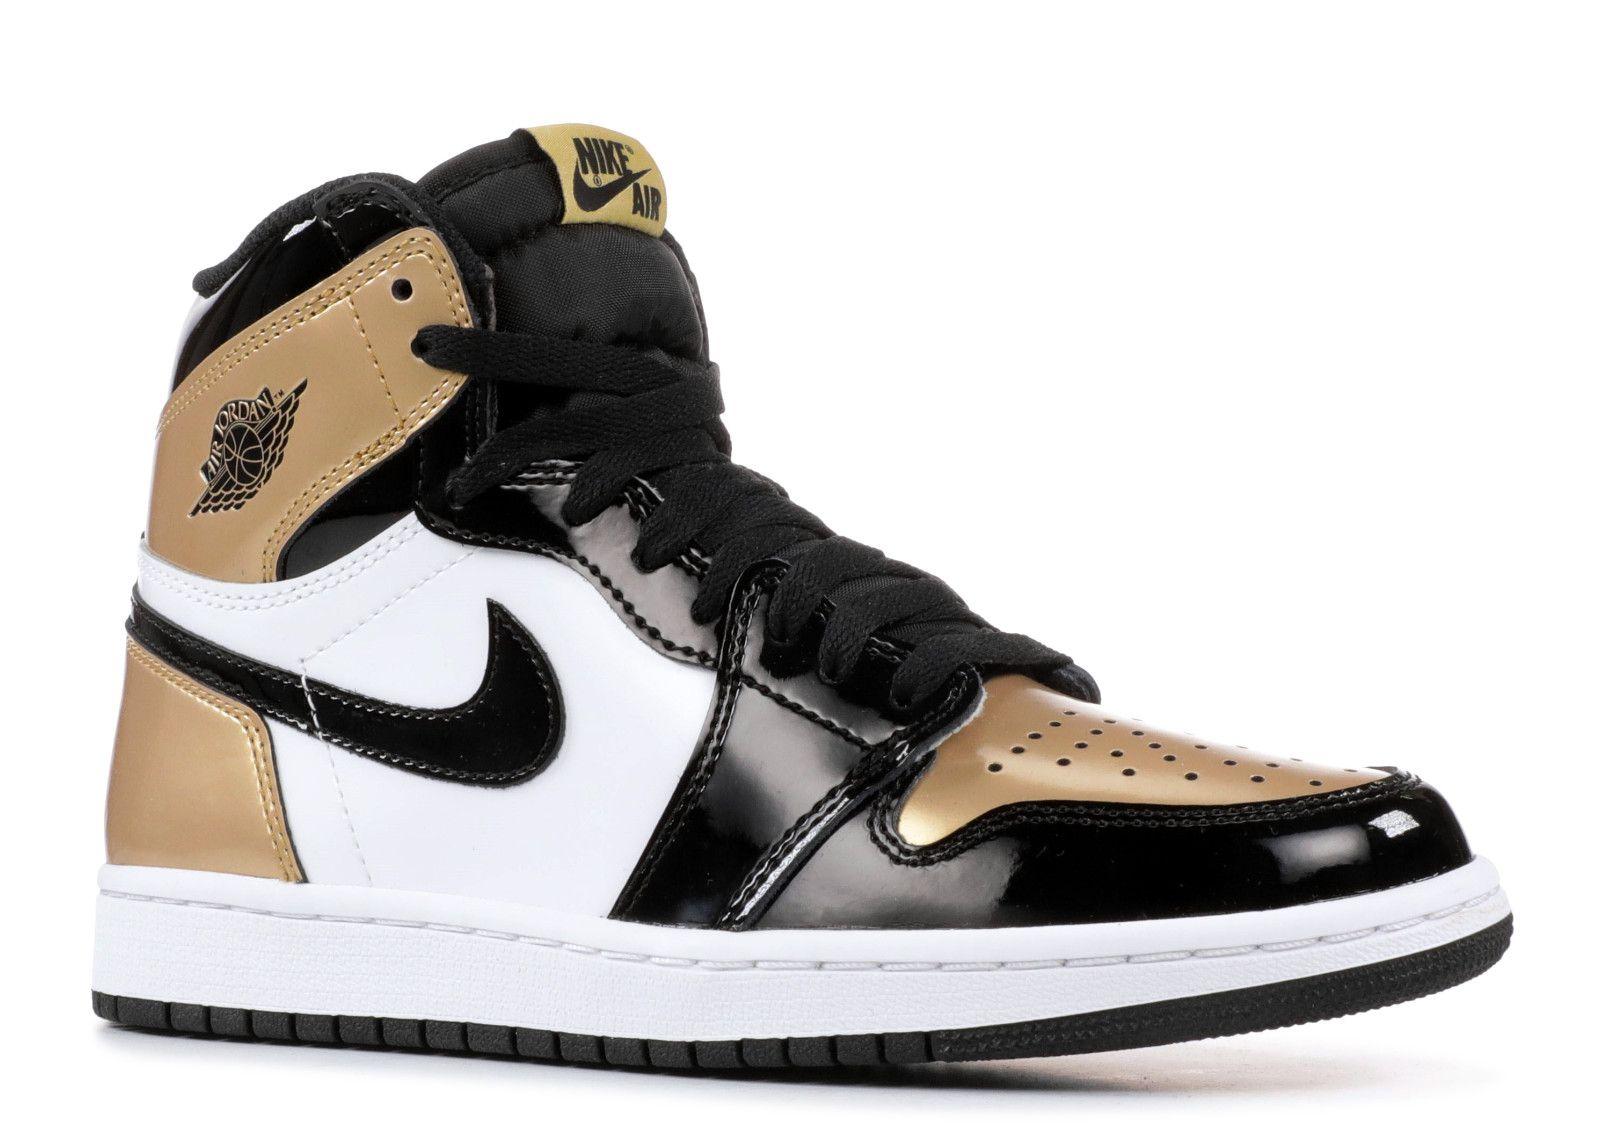 Air Jordan 1 Retro High Og Nrg Gold Toe Air Jordans Nike Air